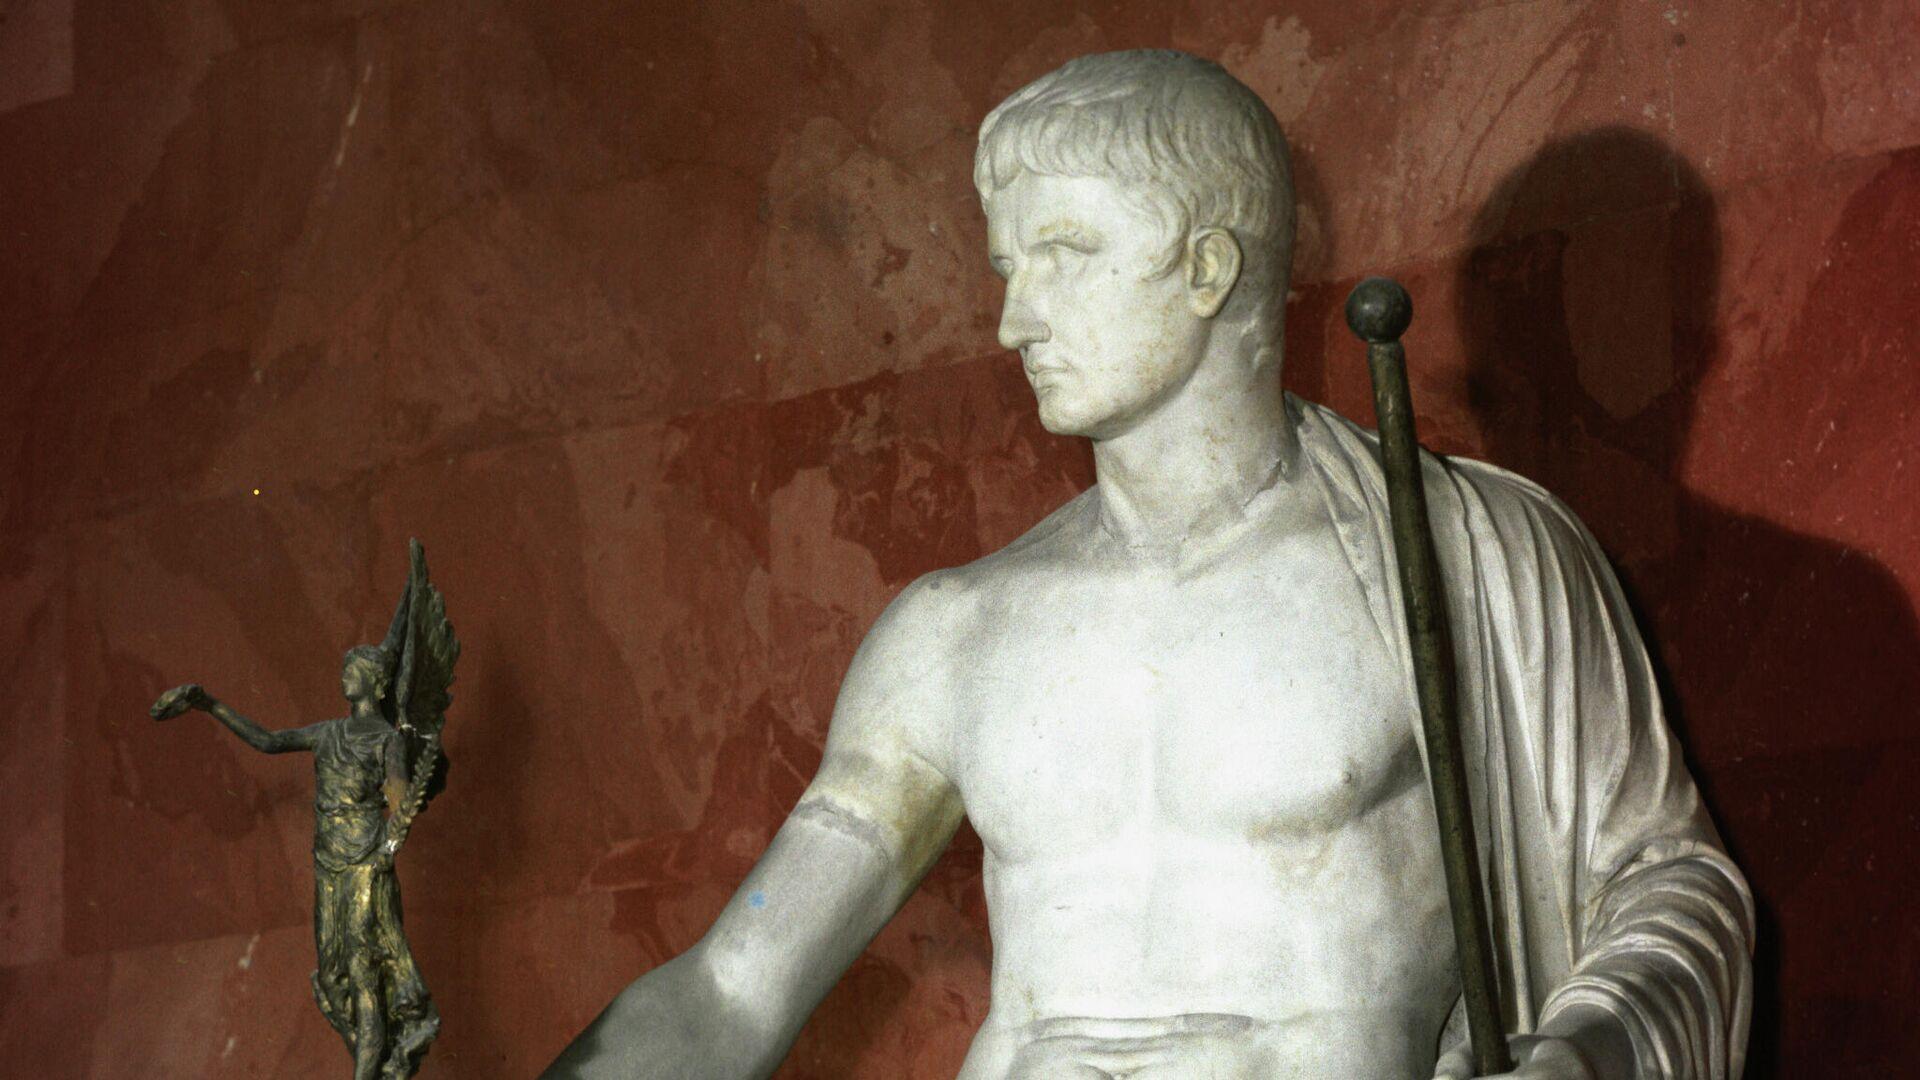 Статуя императора Октавиана Августа в образе Юпитера - РИА Новости, 1920, 07.04.2021